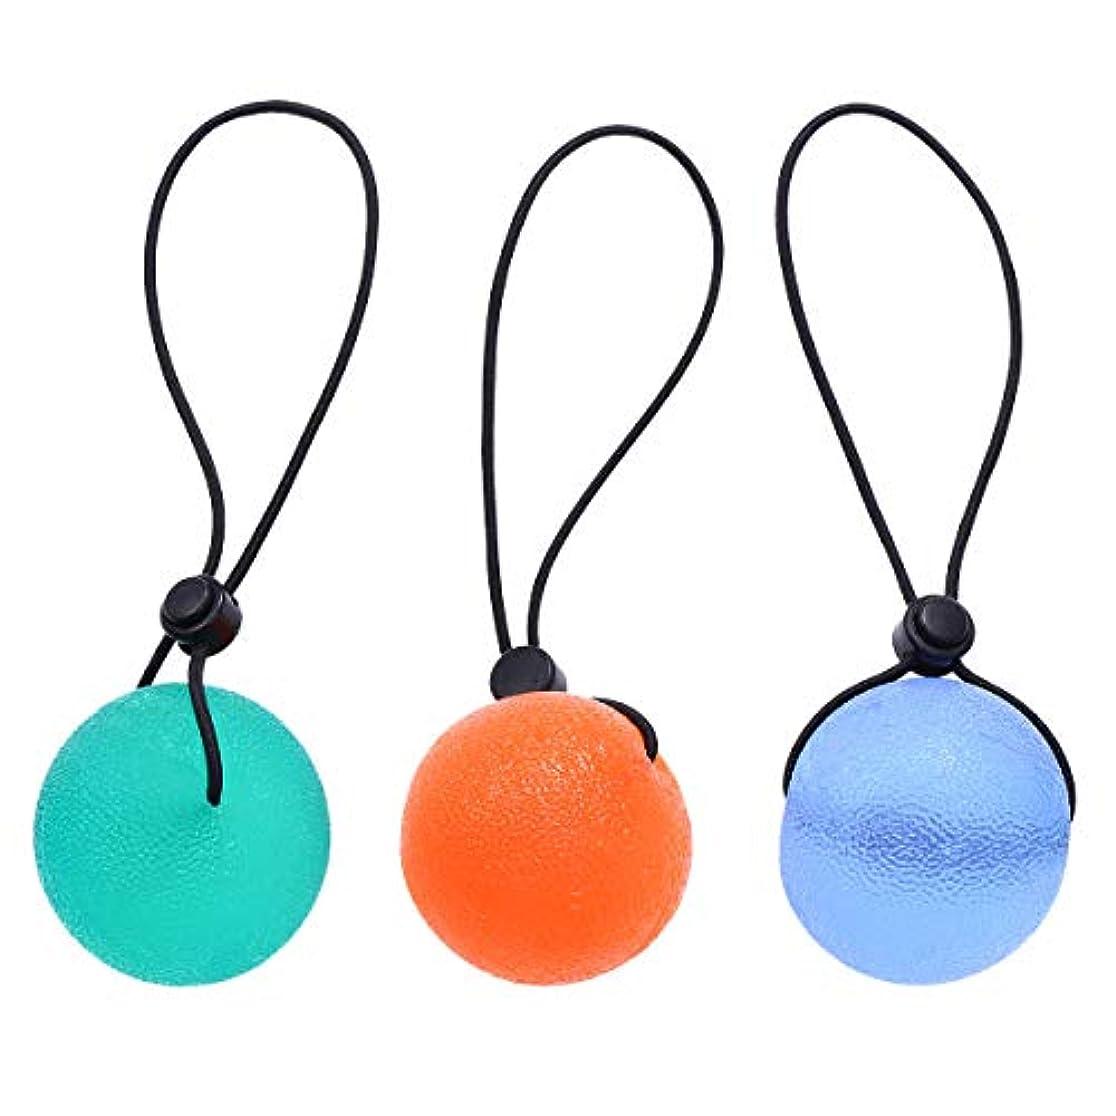 マリナーかなりの重要SUPVOX 3個シリコーングリップボールハンドエクササイズボールハンドセラピー強化剤トレーナー